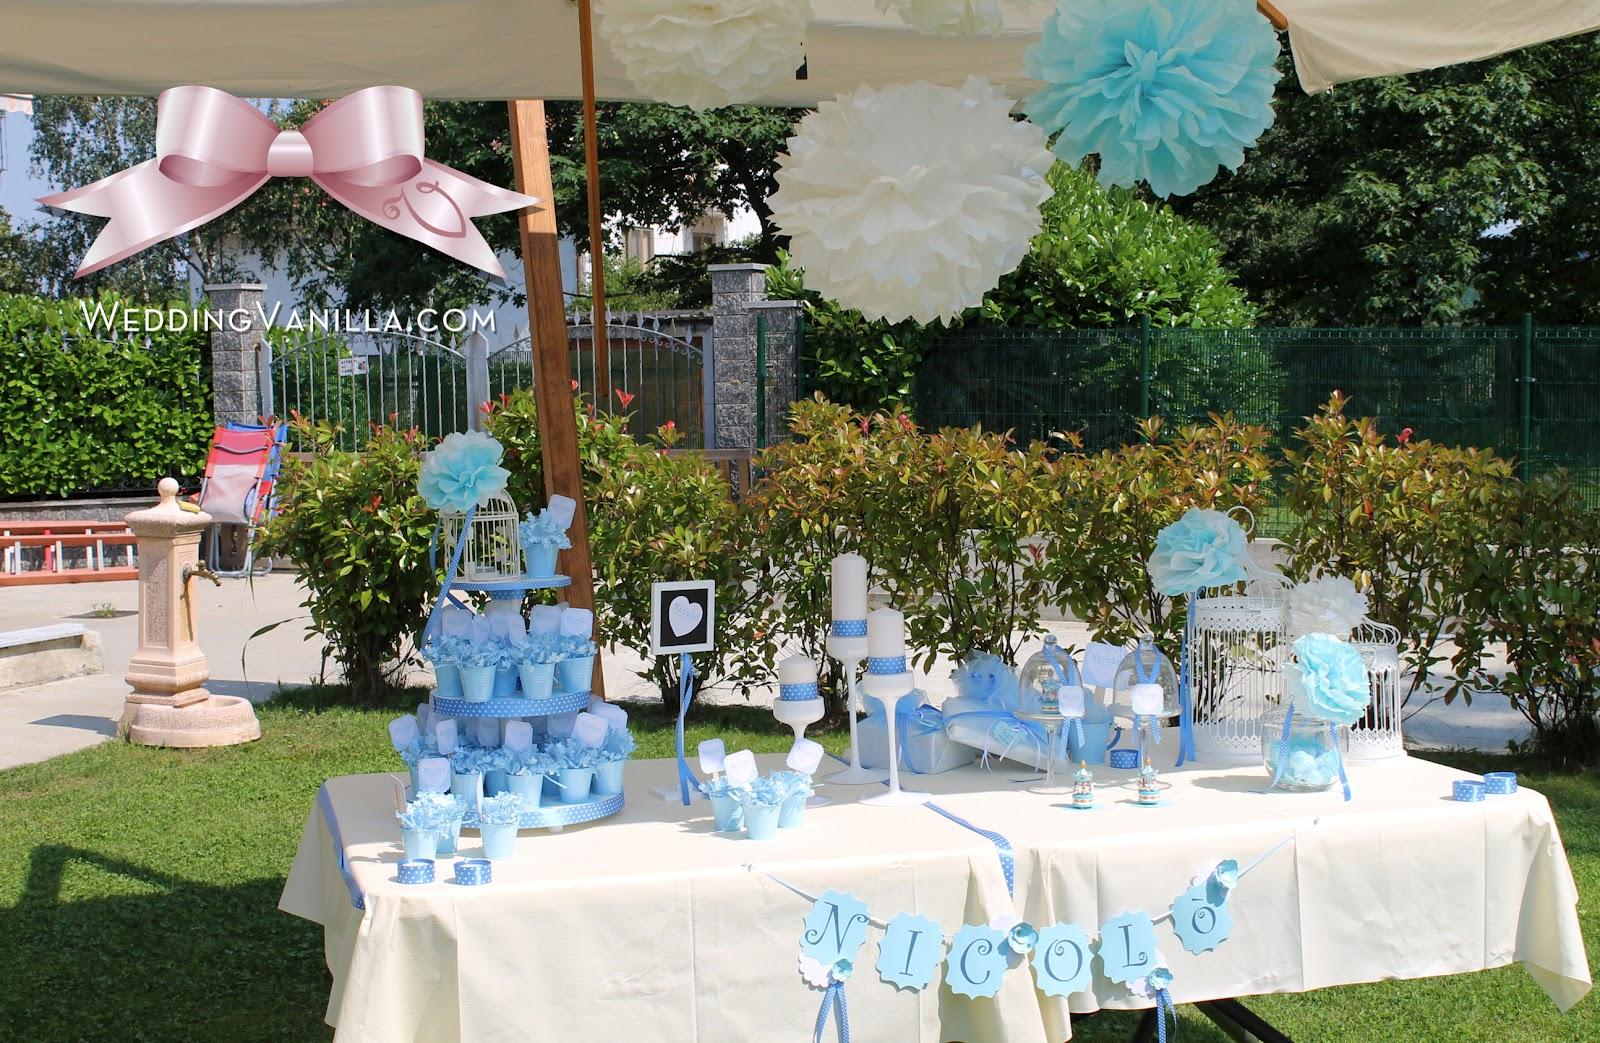 Decorazioni Sala Battesimo : Festa battesimo in casa. simple festa battesimo in casa with festa